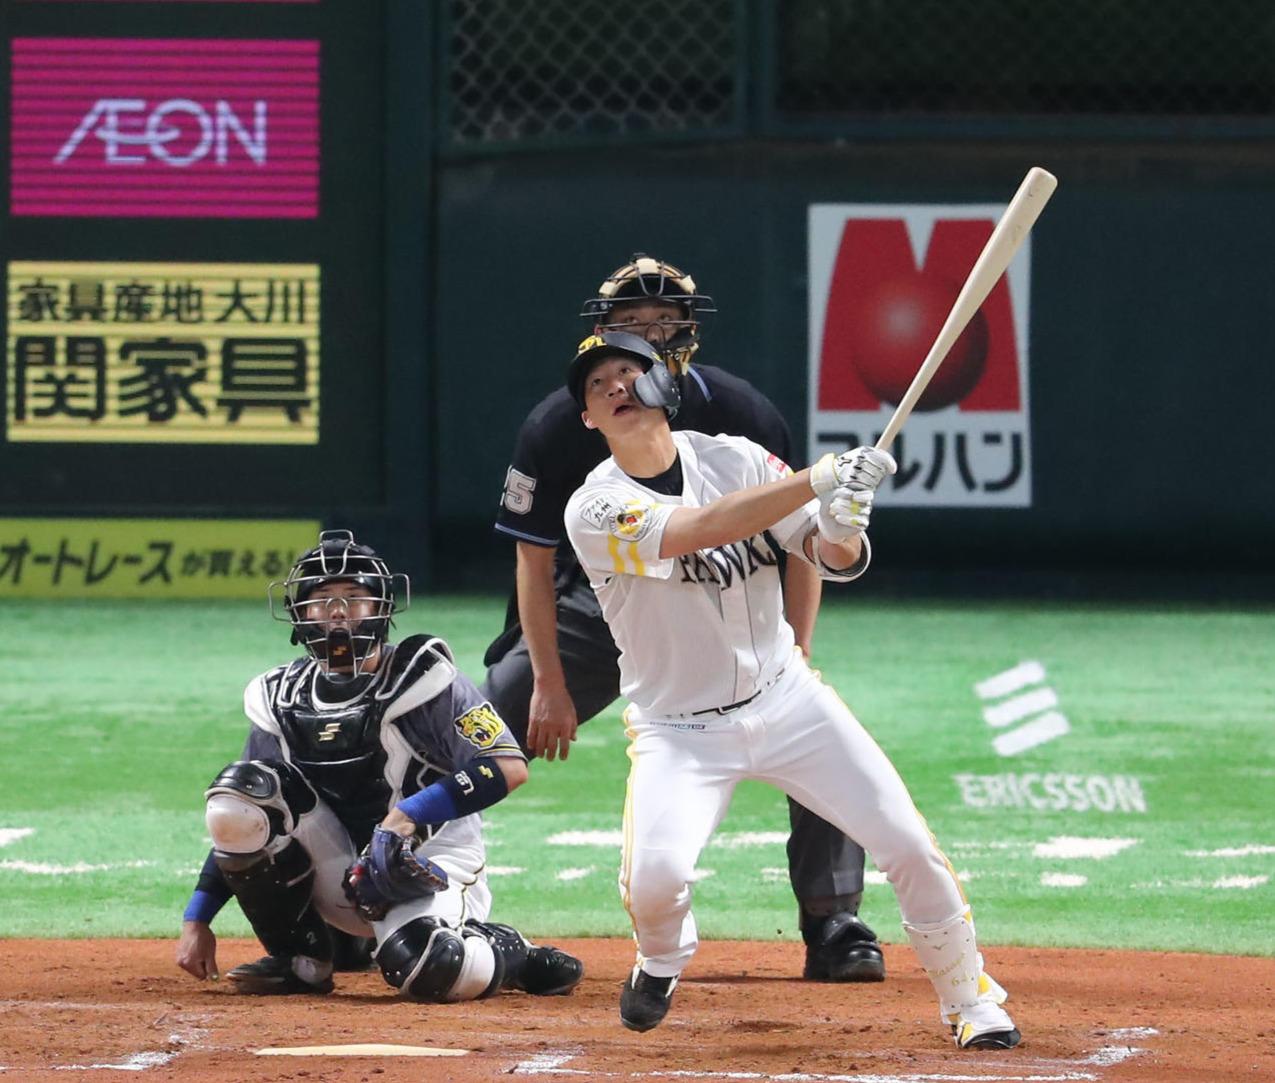 ソフトバンク対阪神 6回裏ソフトバンク1死、真砂勇介は右中間に本塁打を放つ(撮影・梅根麻紀)